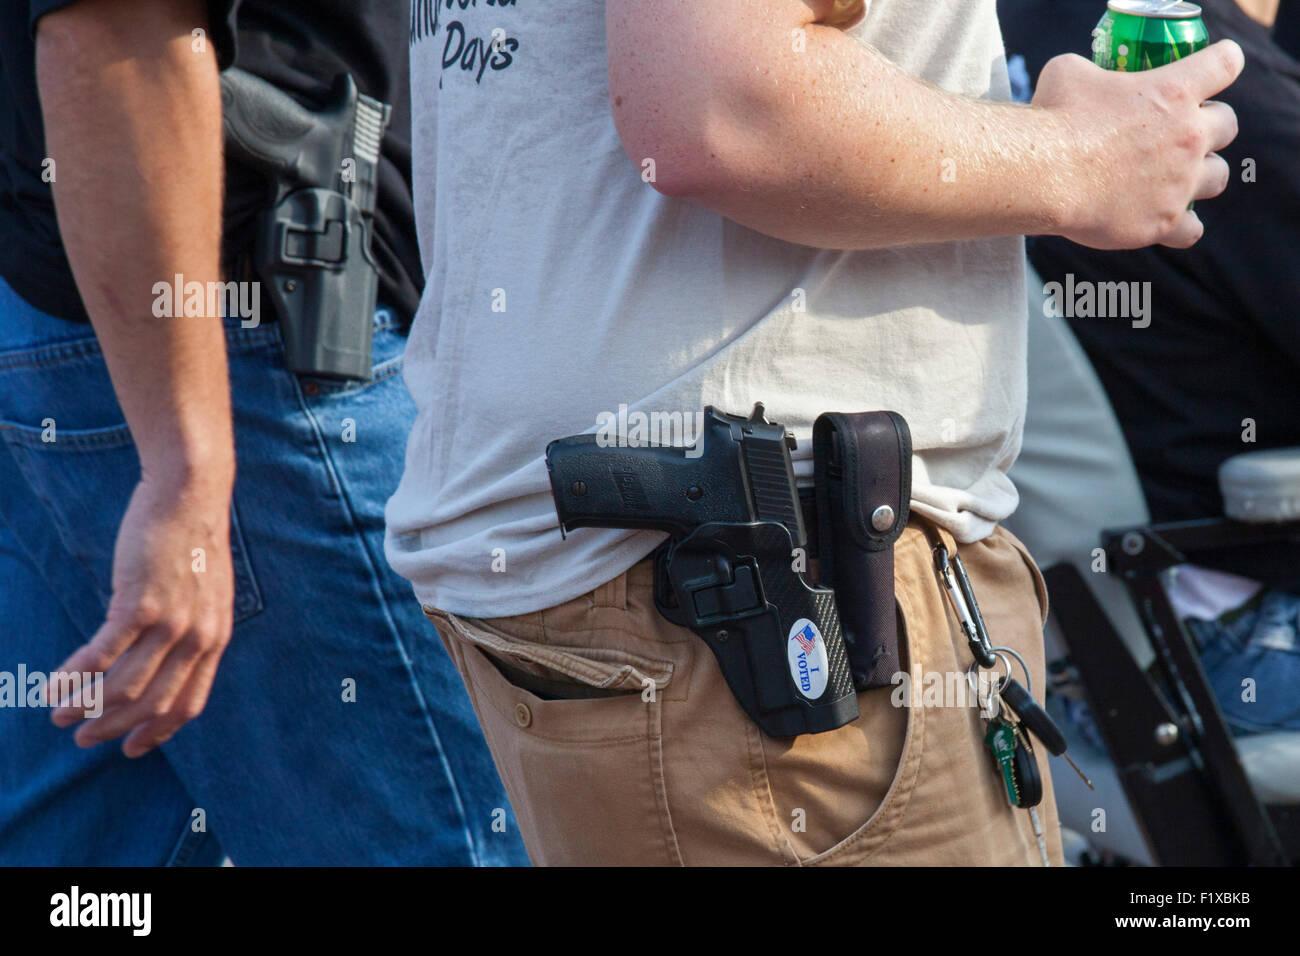 Detroit, Michigan - Mitglieder der Ironworkers Union tragen offen Handfeuerwaffen während Detroits Labor Day Stockbild